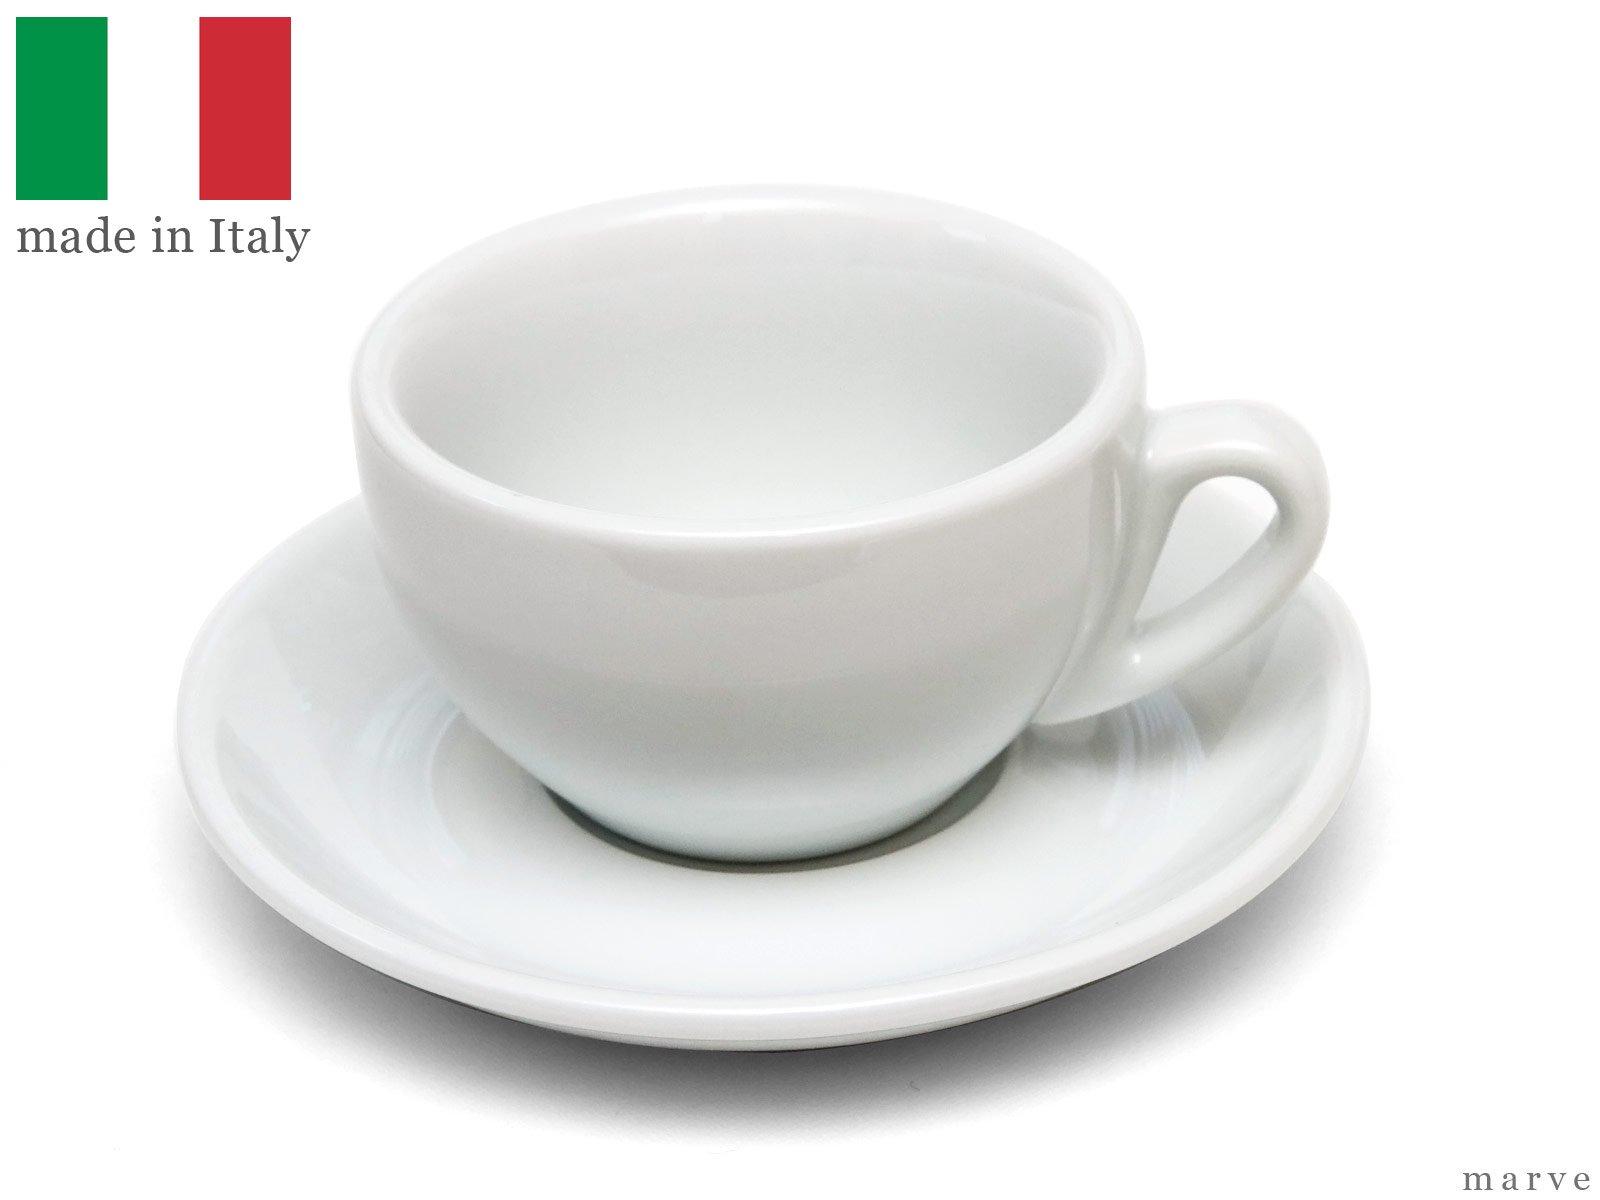 カフェラテカップ parerumo(パレルモ)